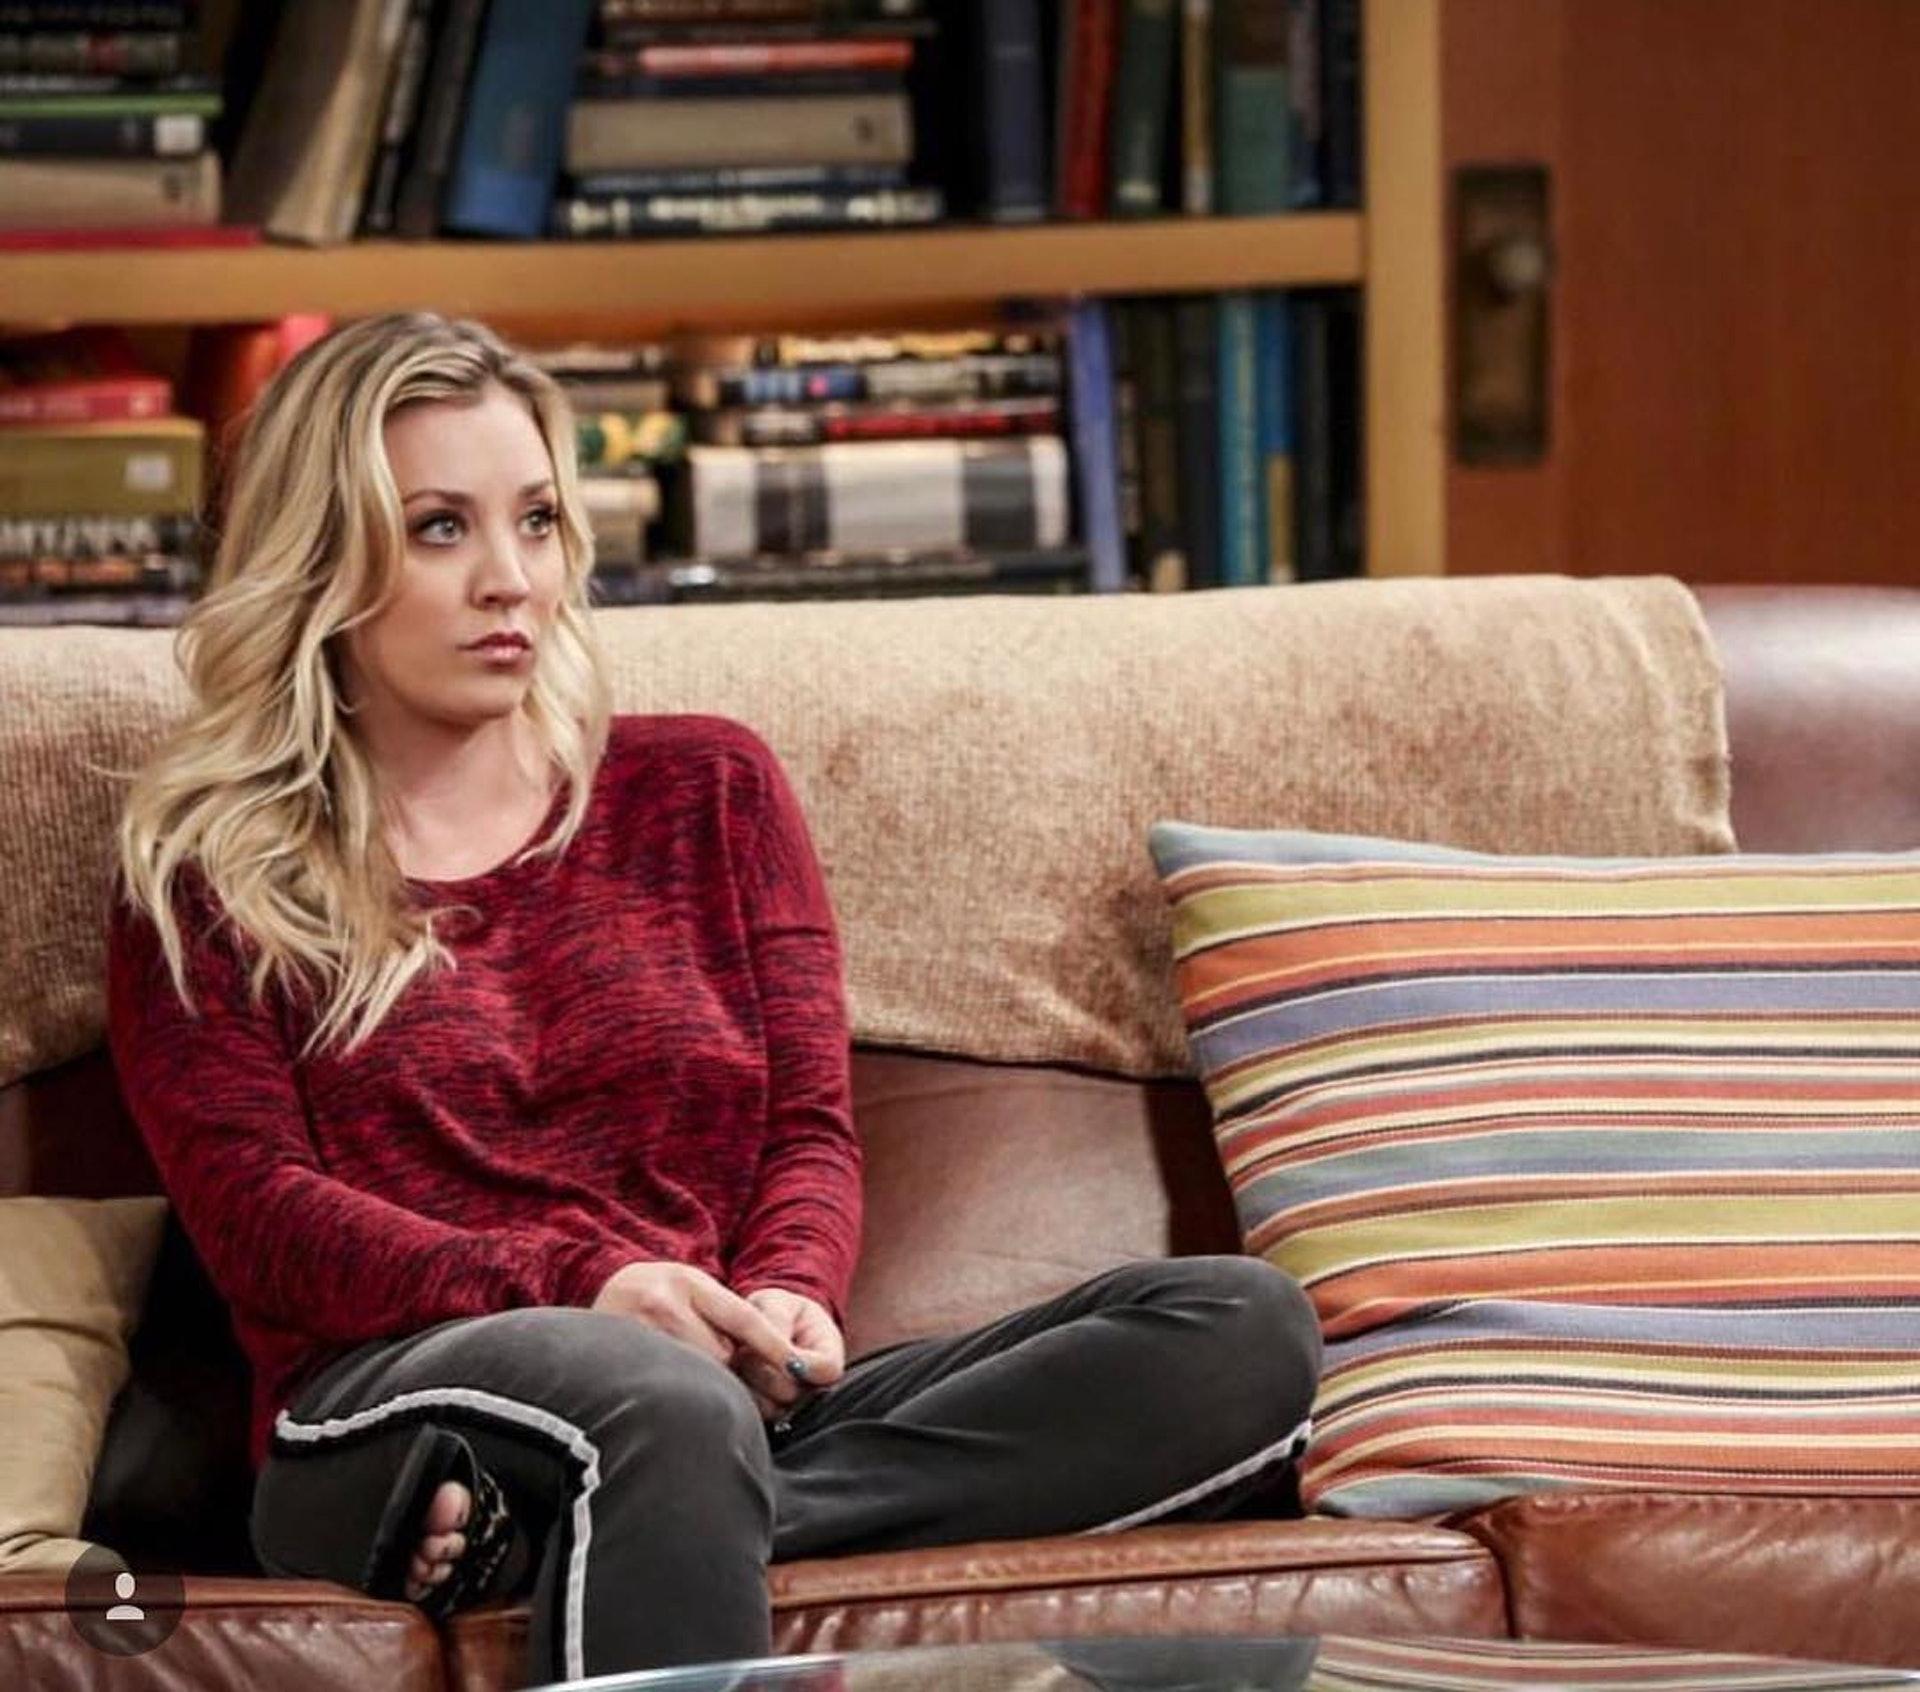 在《the Big Bang Theory》中飾演Penny的Kaley Cuoco95%的收入都來自拍劇,以2450 萬美金(約1.92億港元)位居第二。(IG圖片)